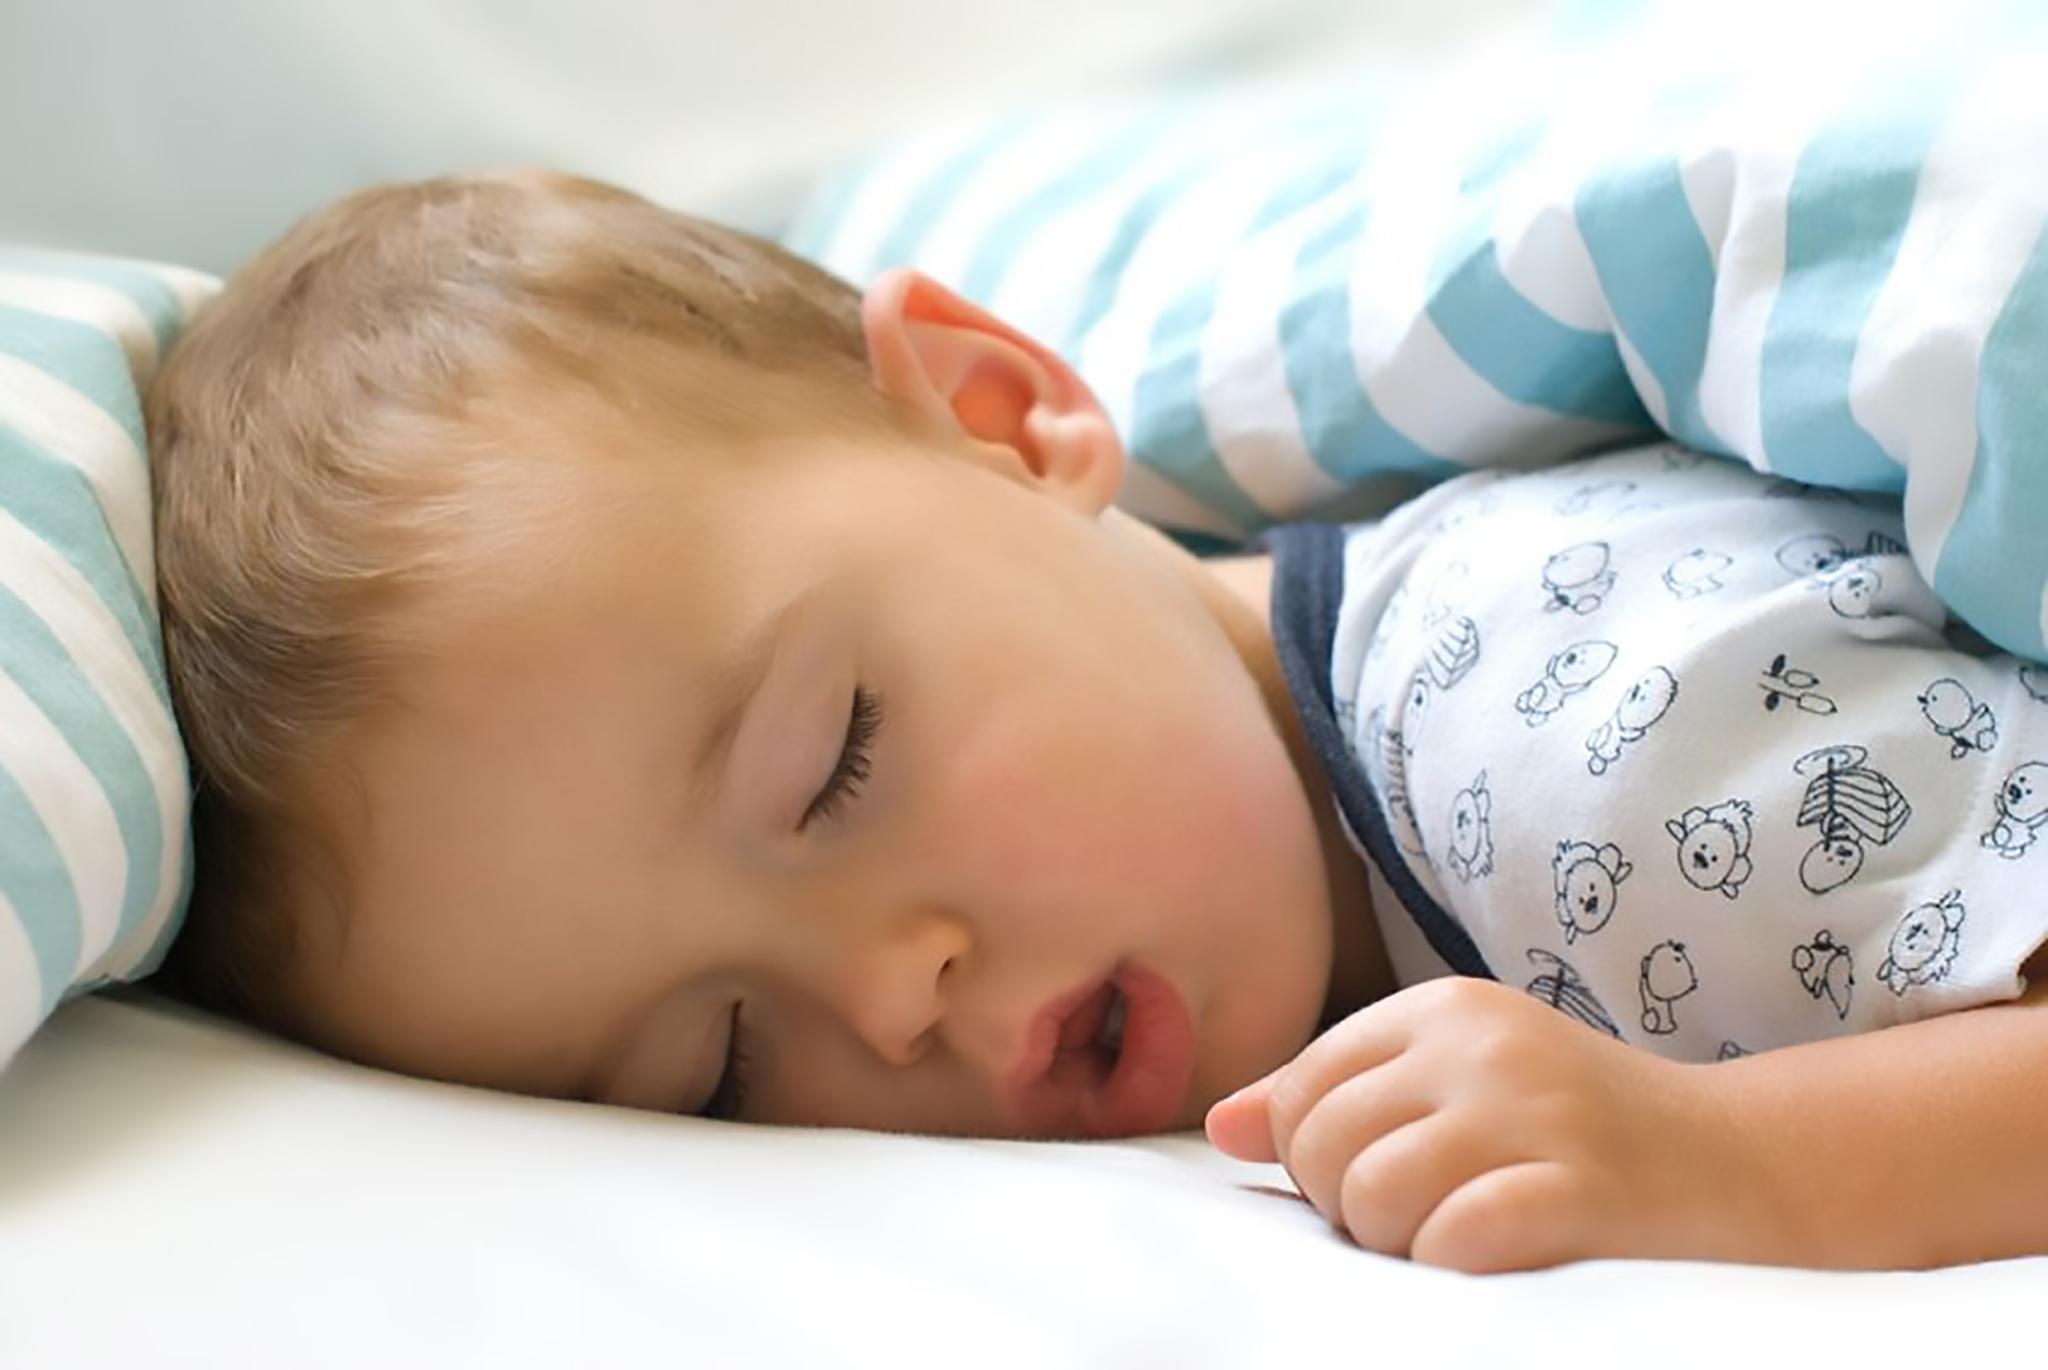 Здоровые дети спят крепко и спокойно